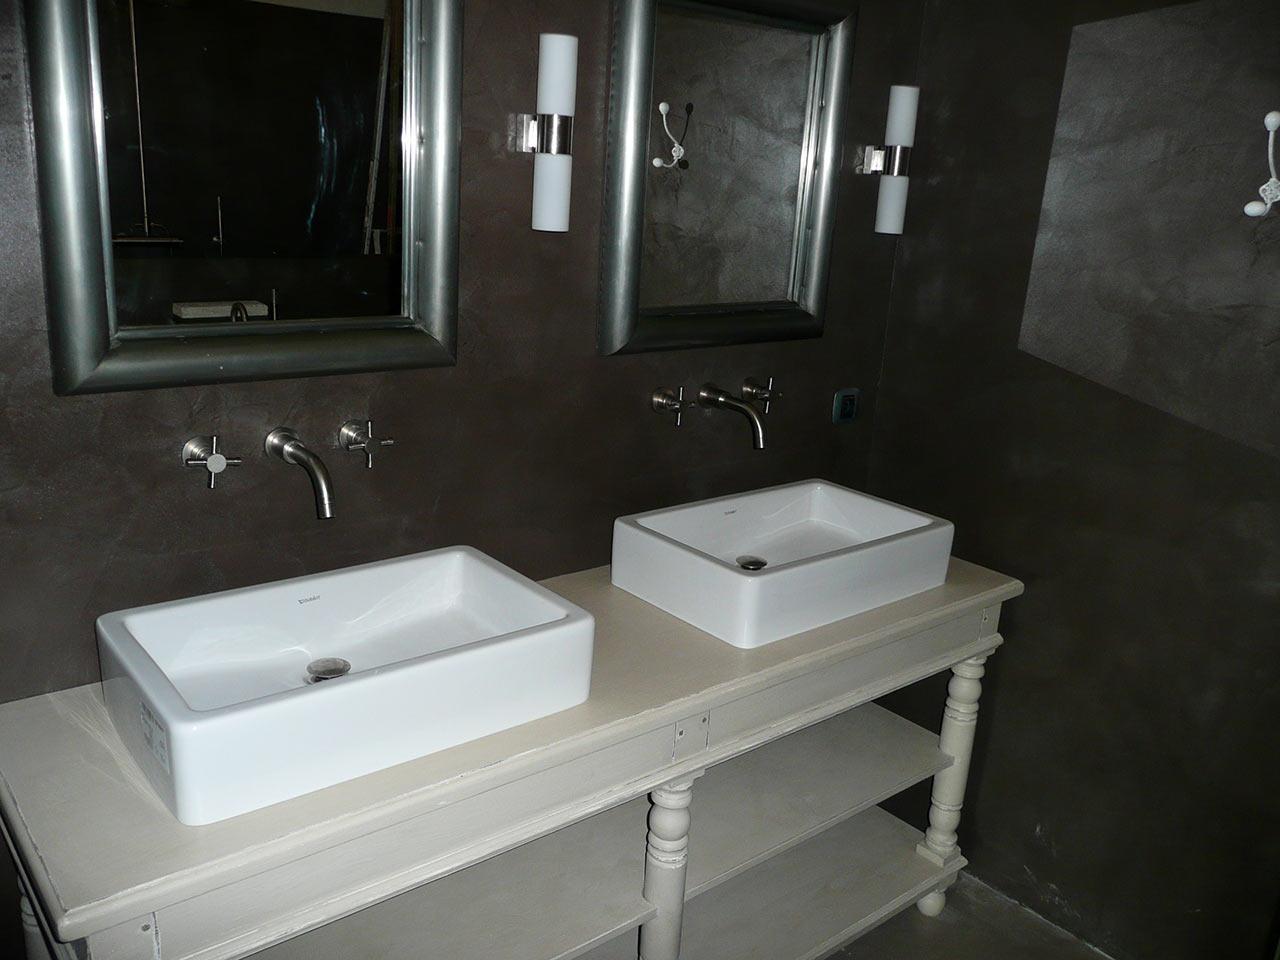 Meubles de salle de bain b ton cir atlantic bain for Beton mineral salle de bain